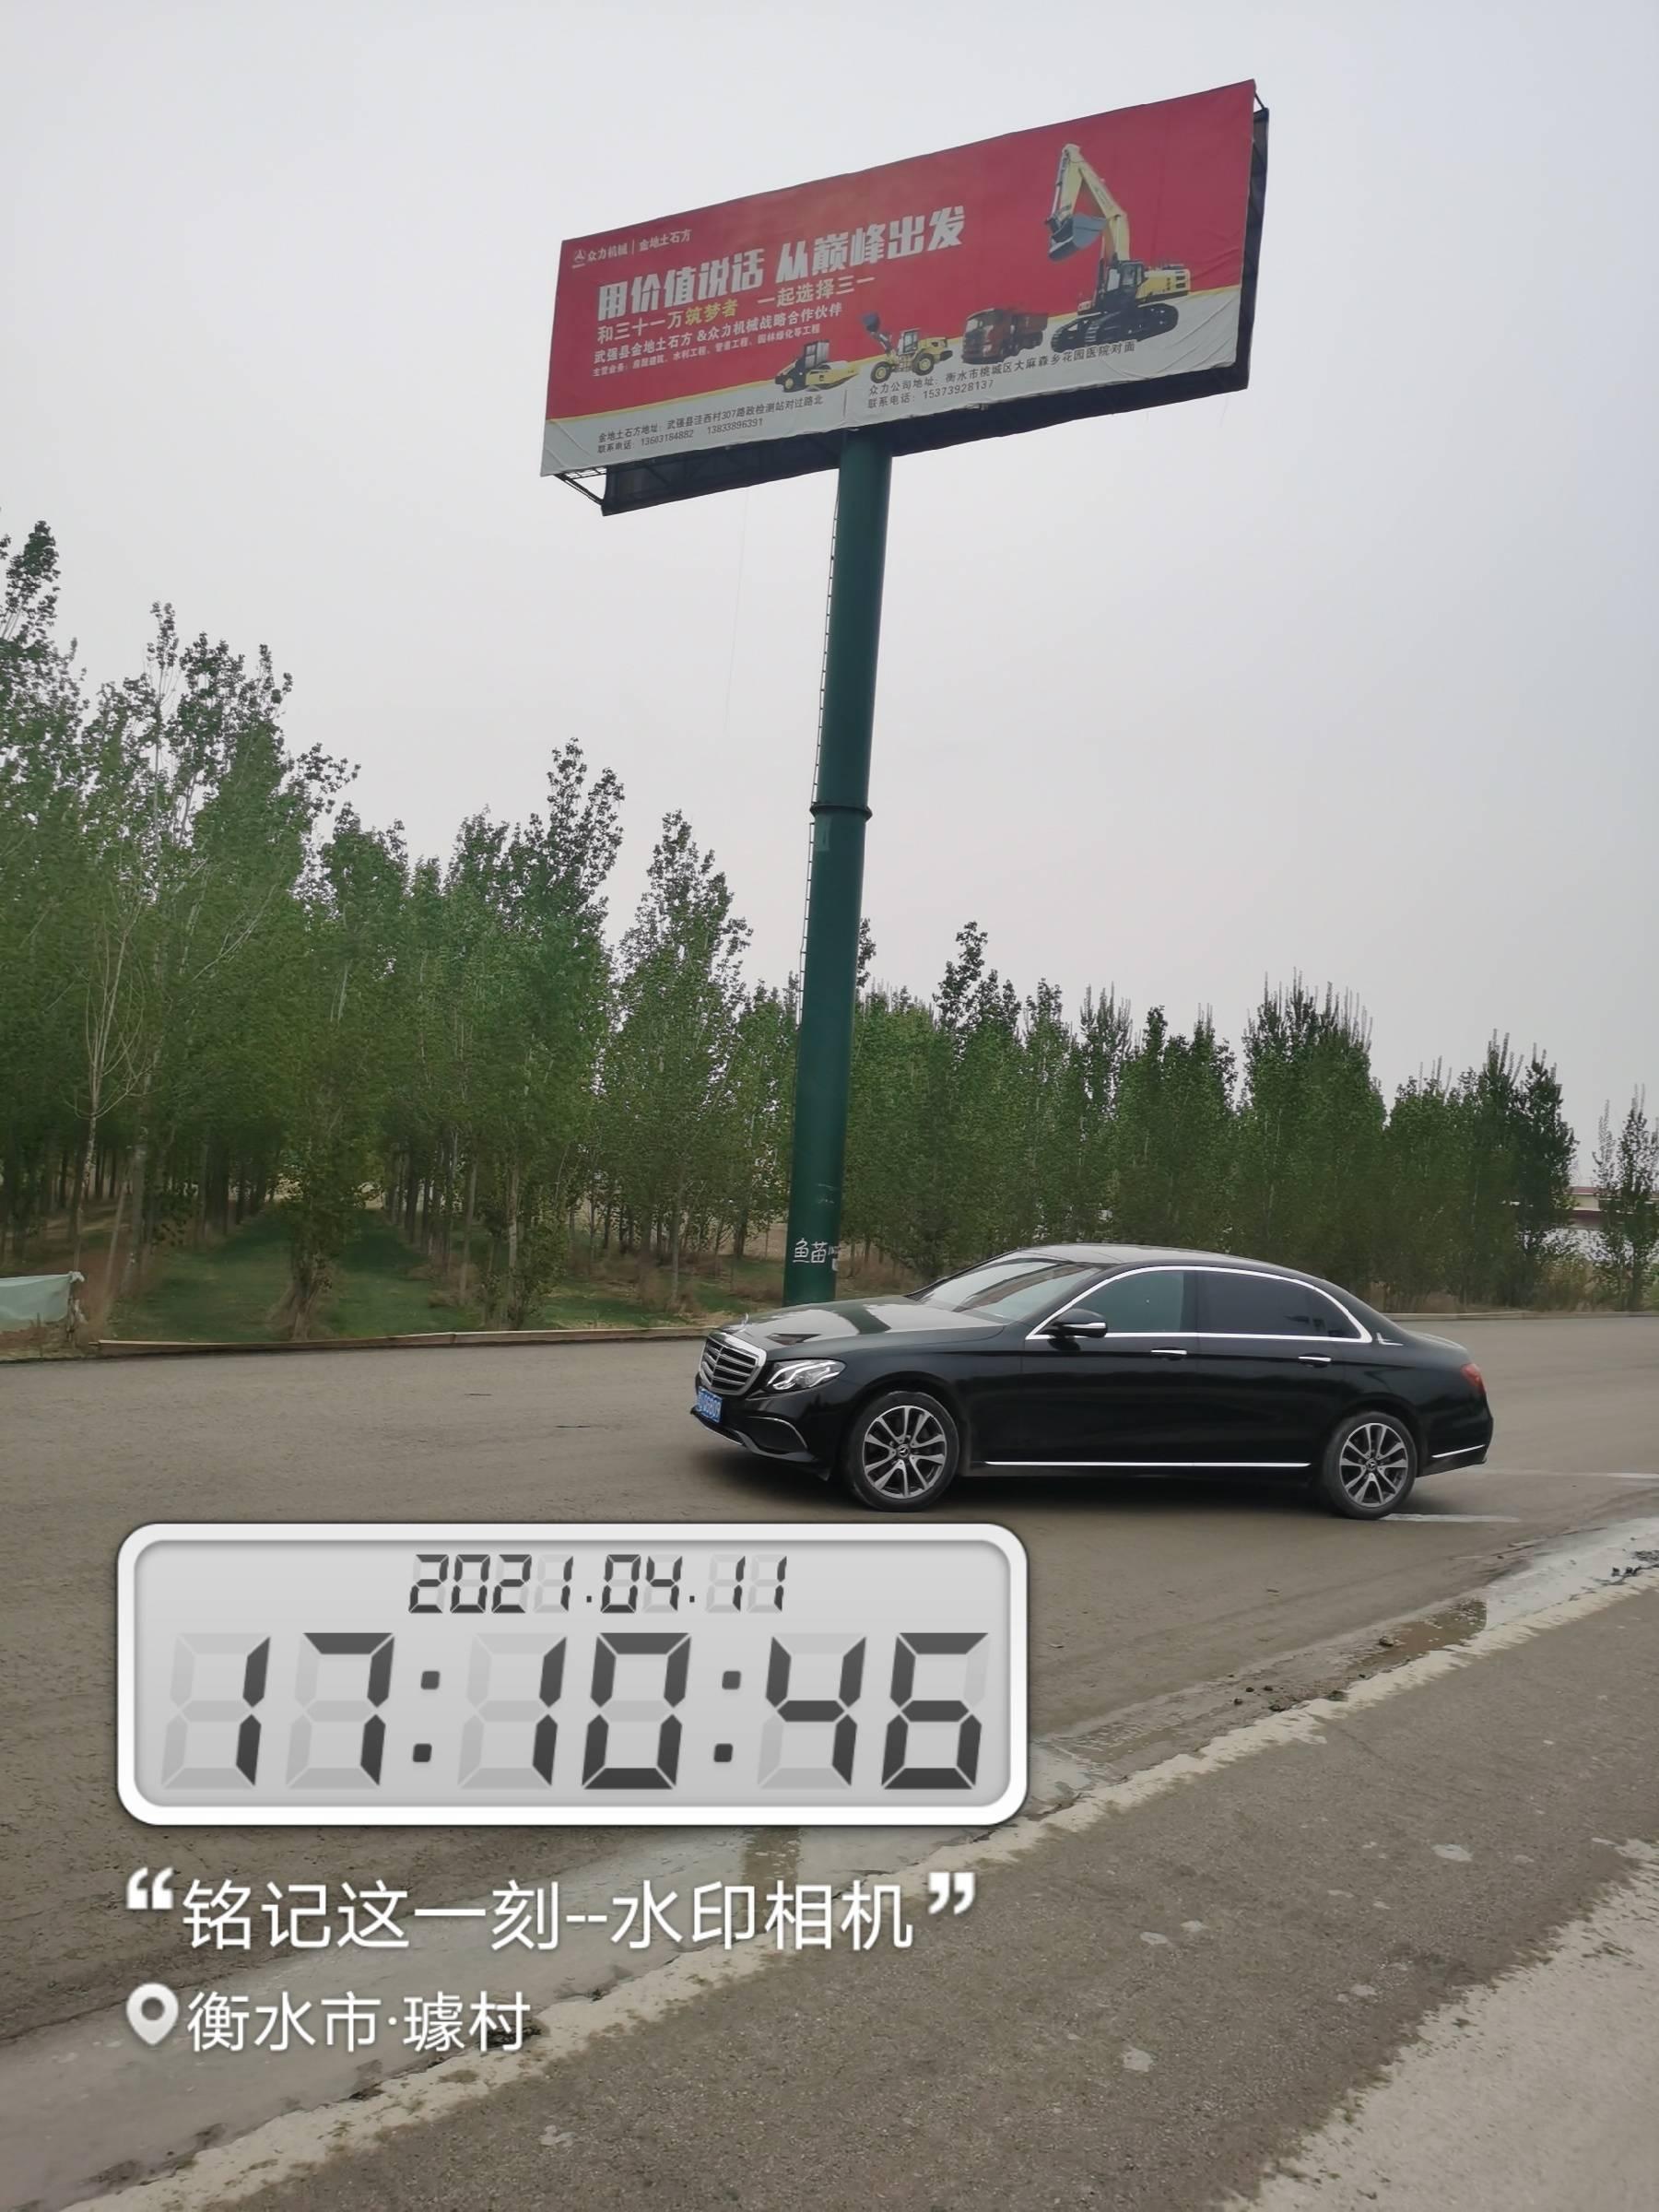 河北武强县户外广告牌有哪些类目可以投放广告